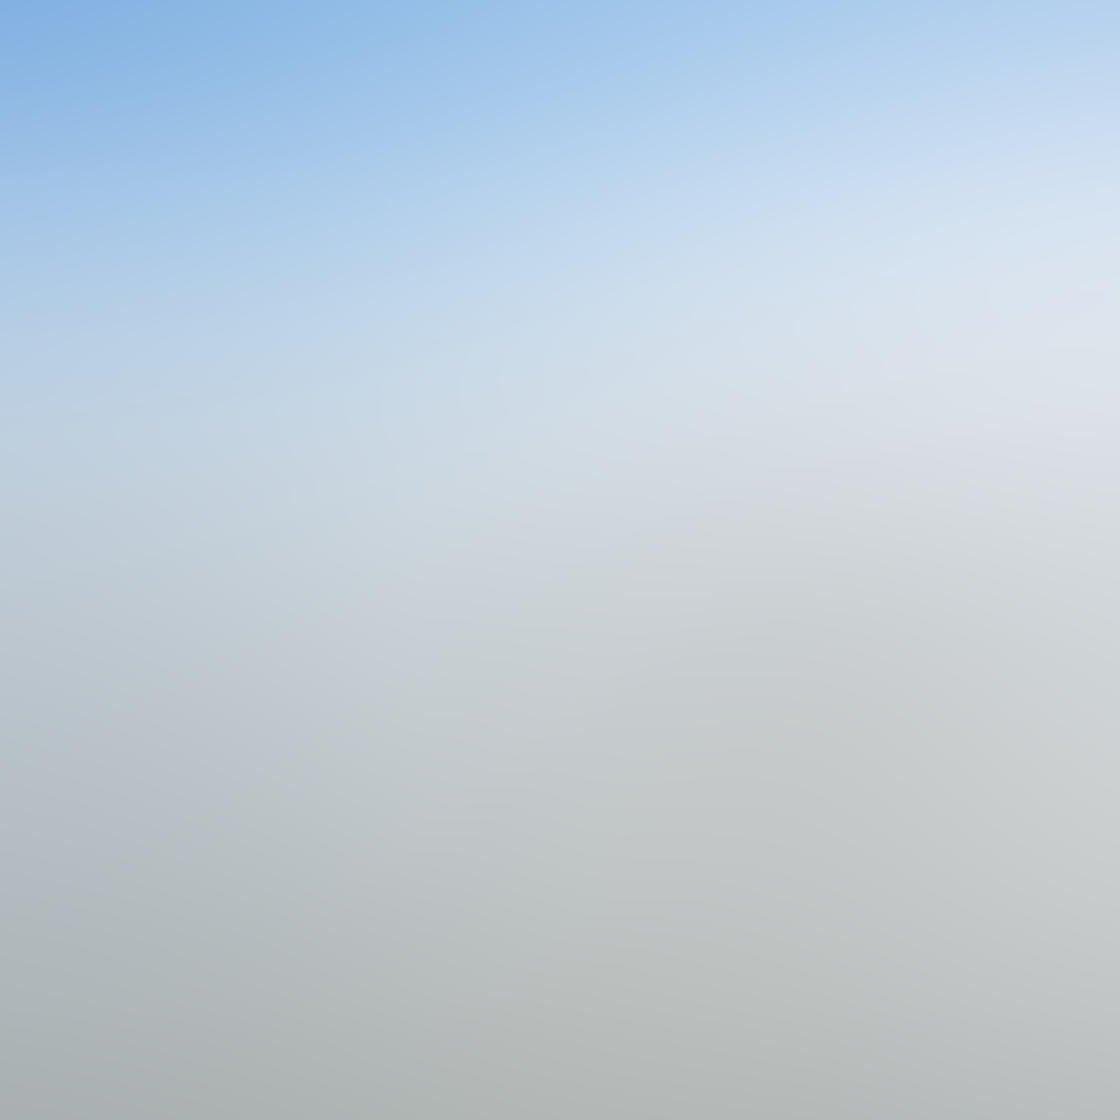 Landscape iPhone Photo Composition 5